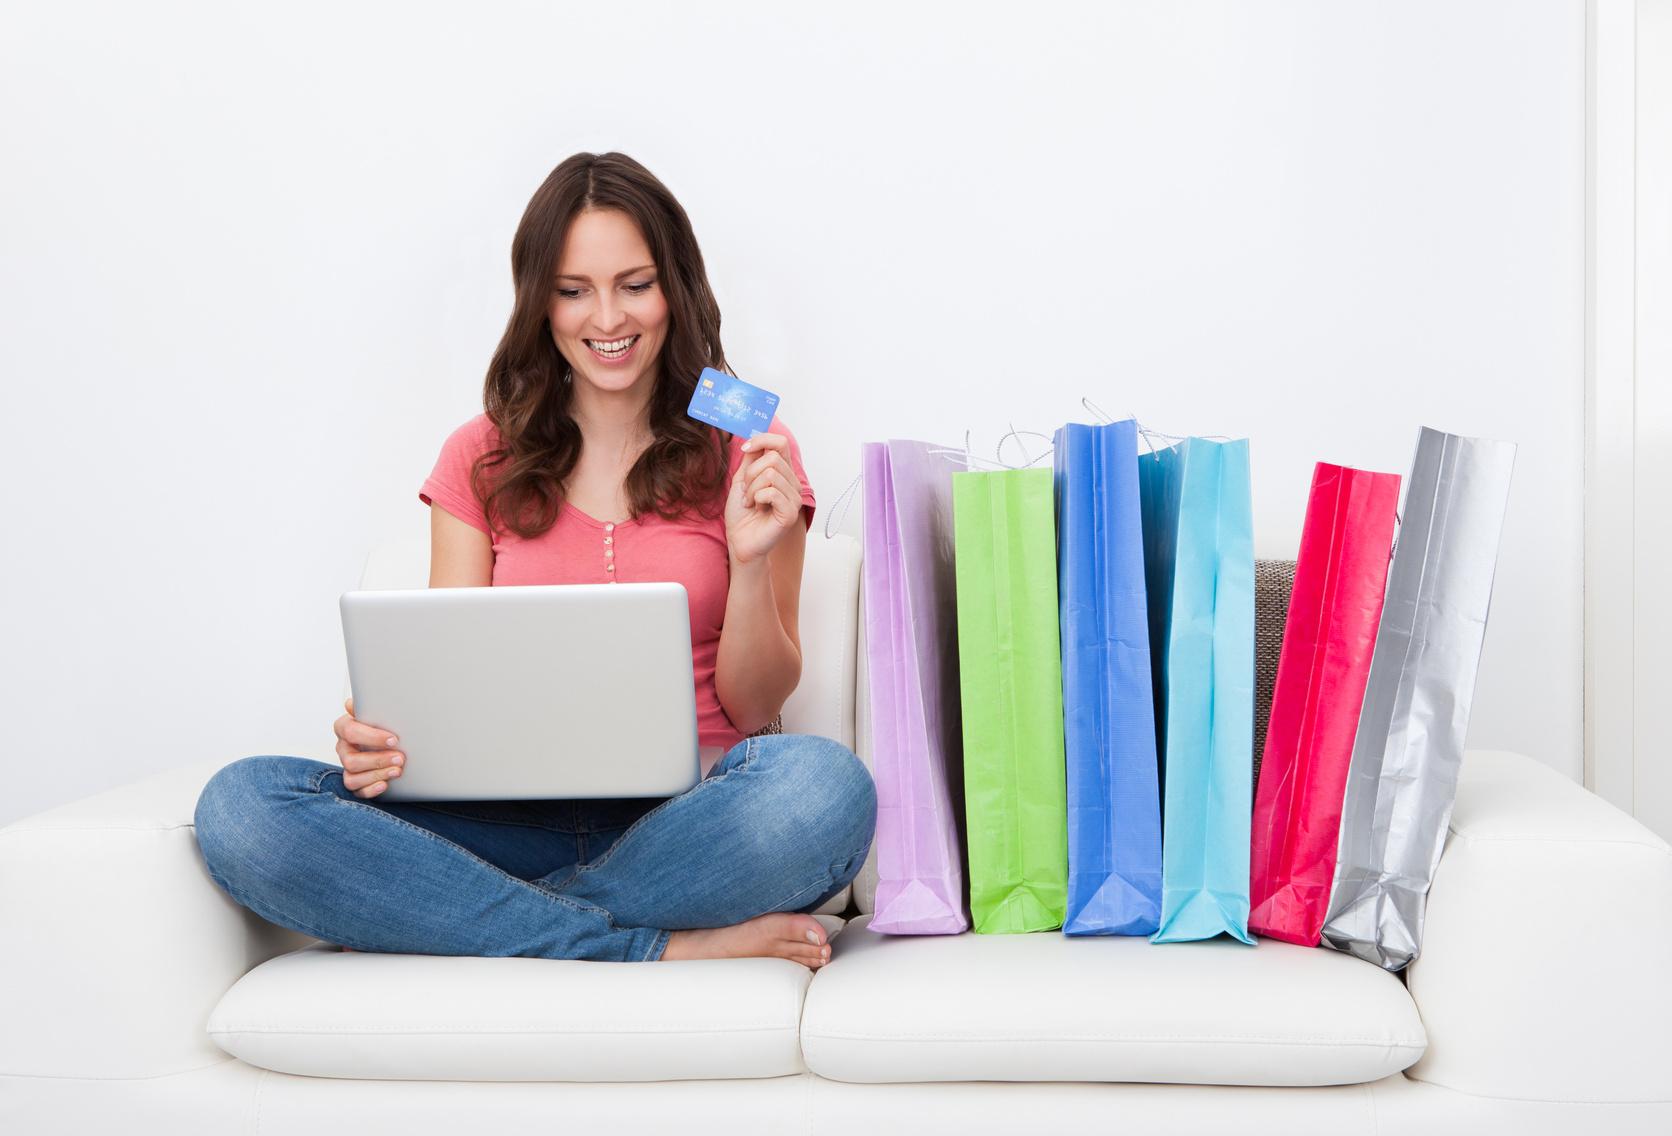 Prefer online shopping